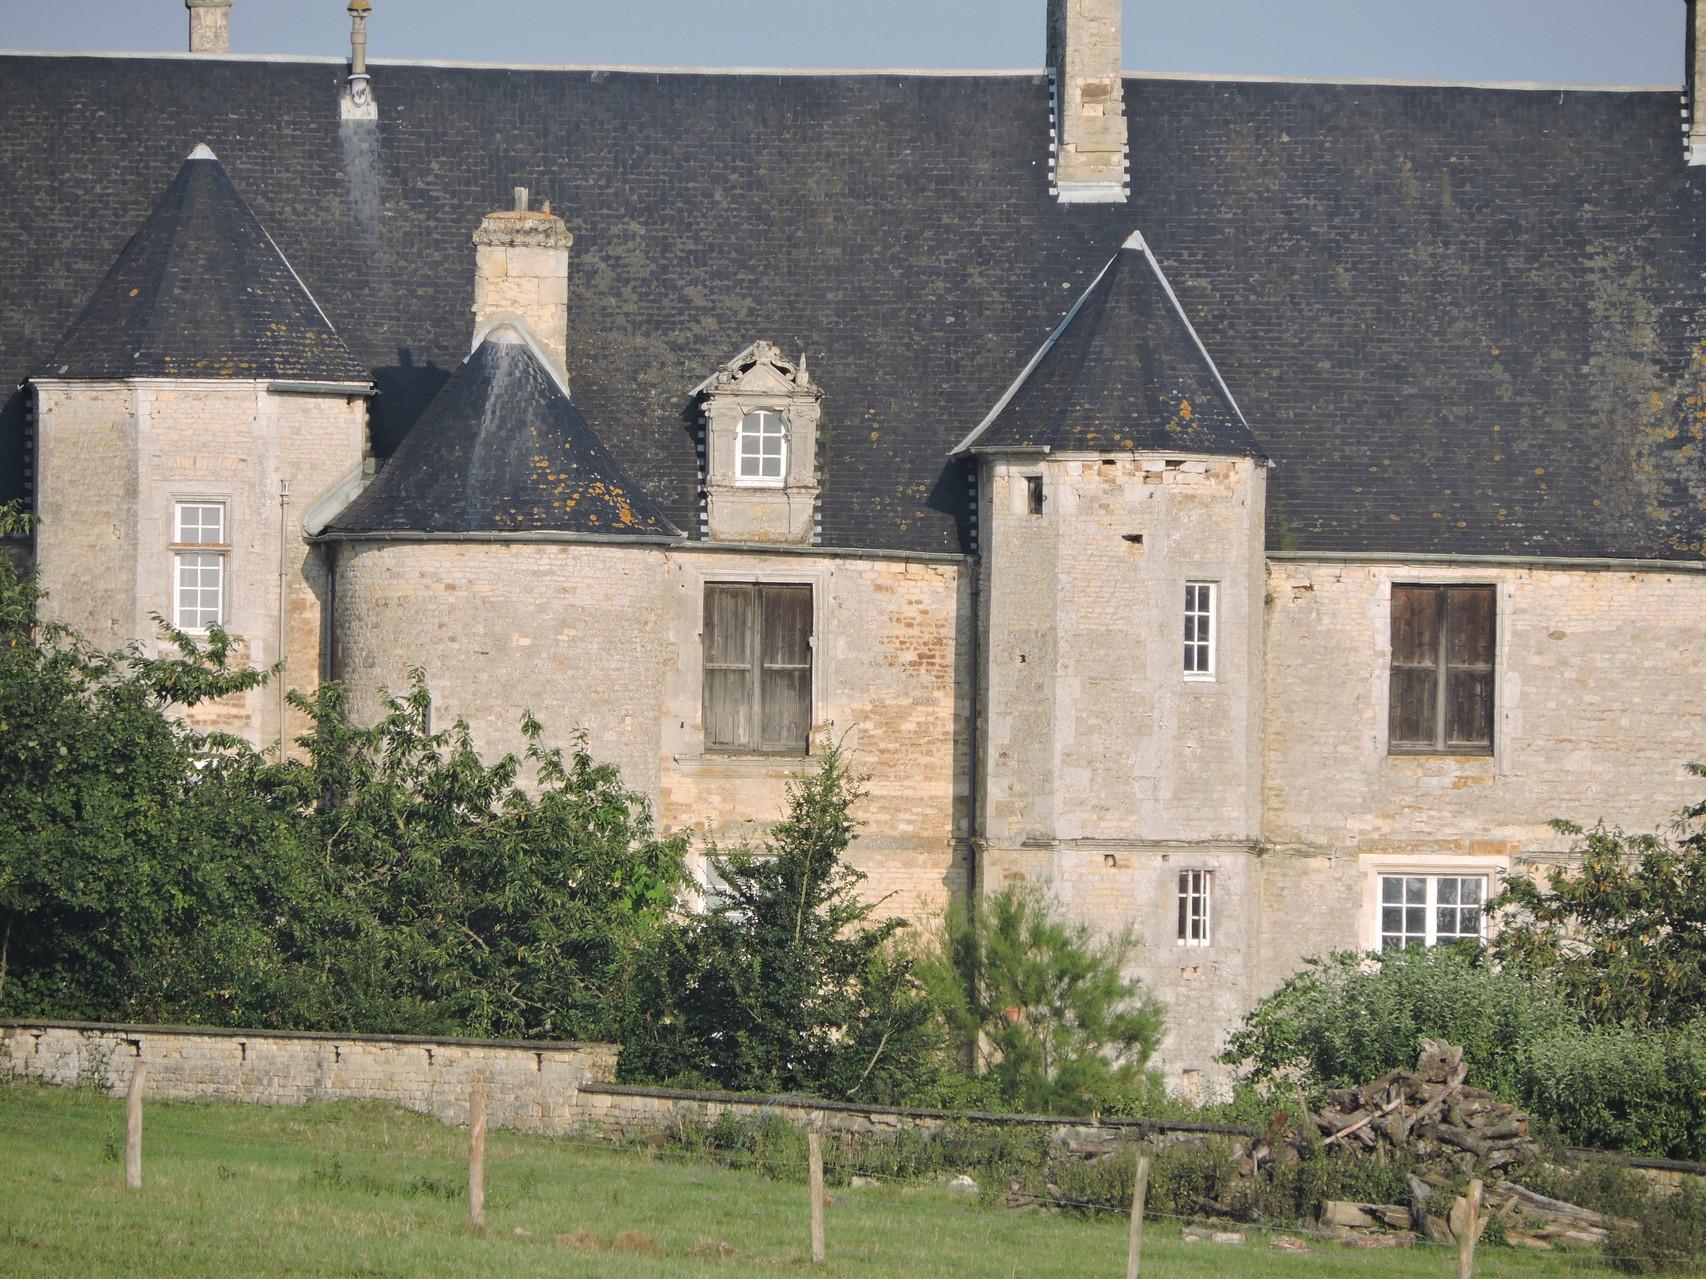 Chateau de Fierville (propriété privée) coté jardin